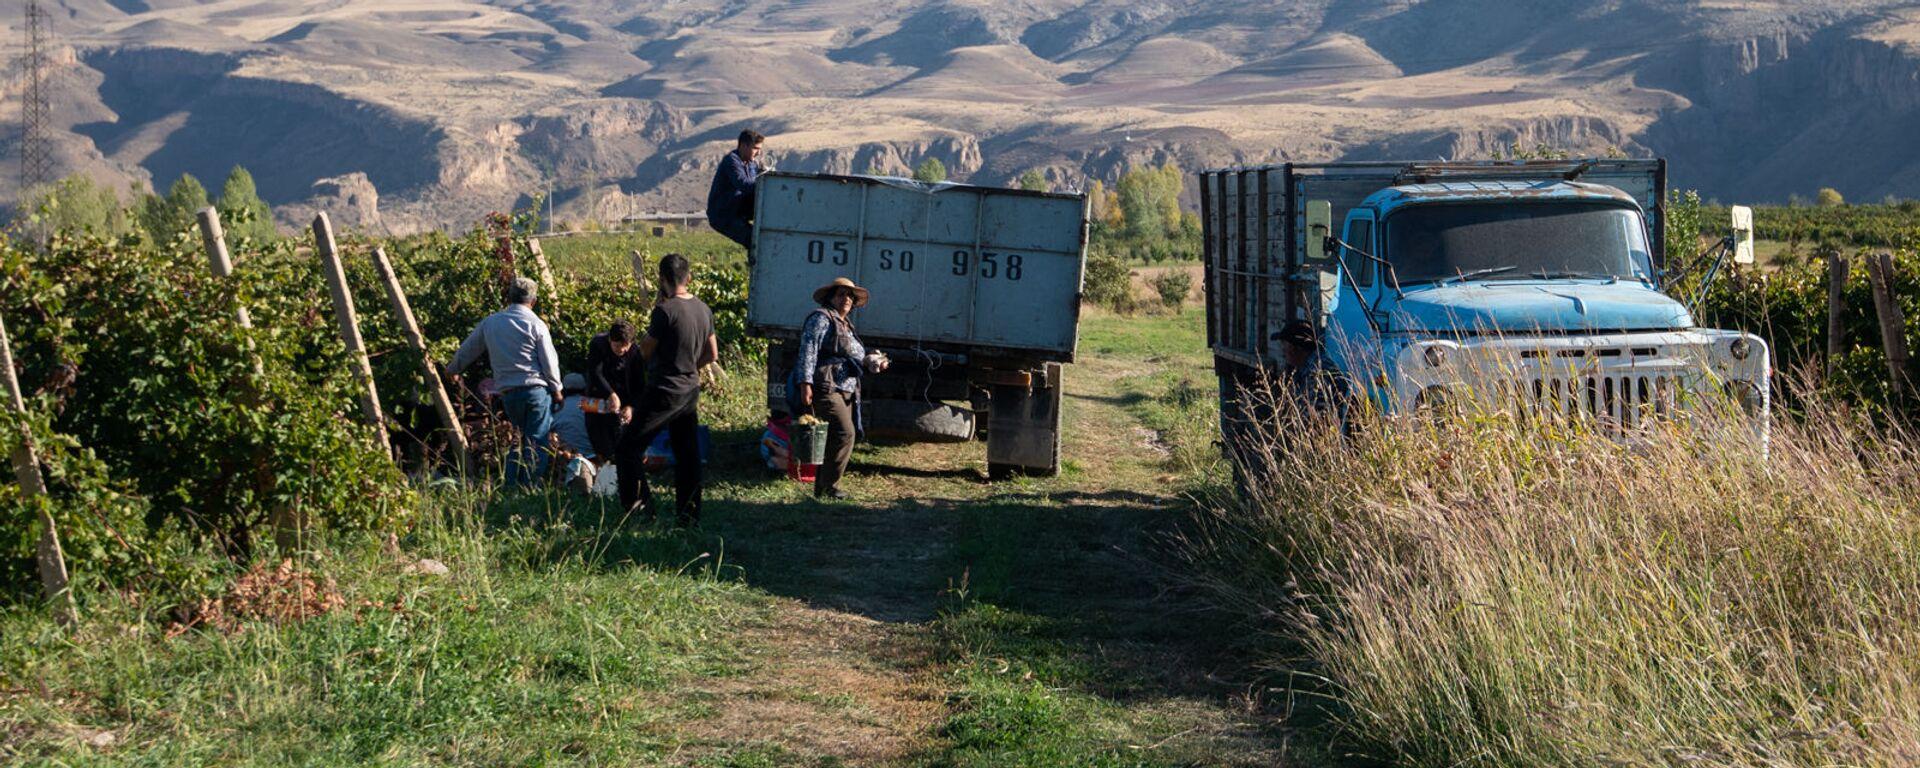 Сбор и закупка винограда в селе Ахавнадзор - Sputnik Արմենիա, 1920, 14.09.2021